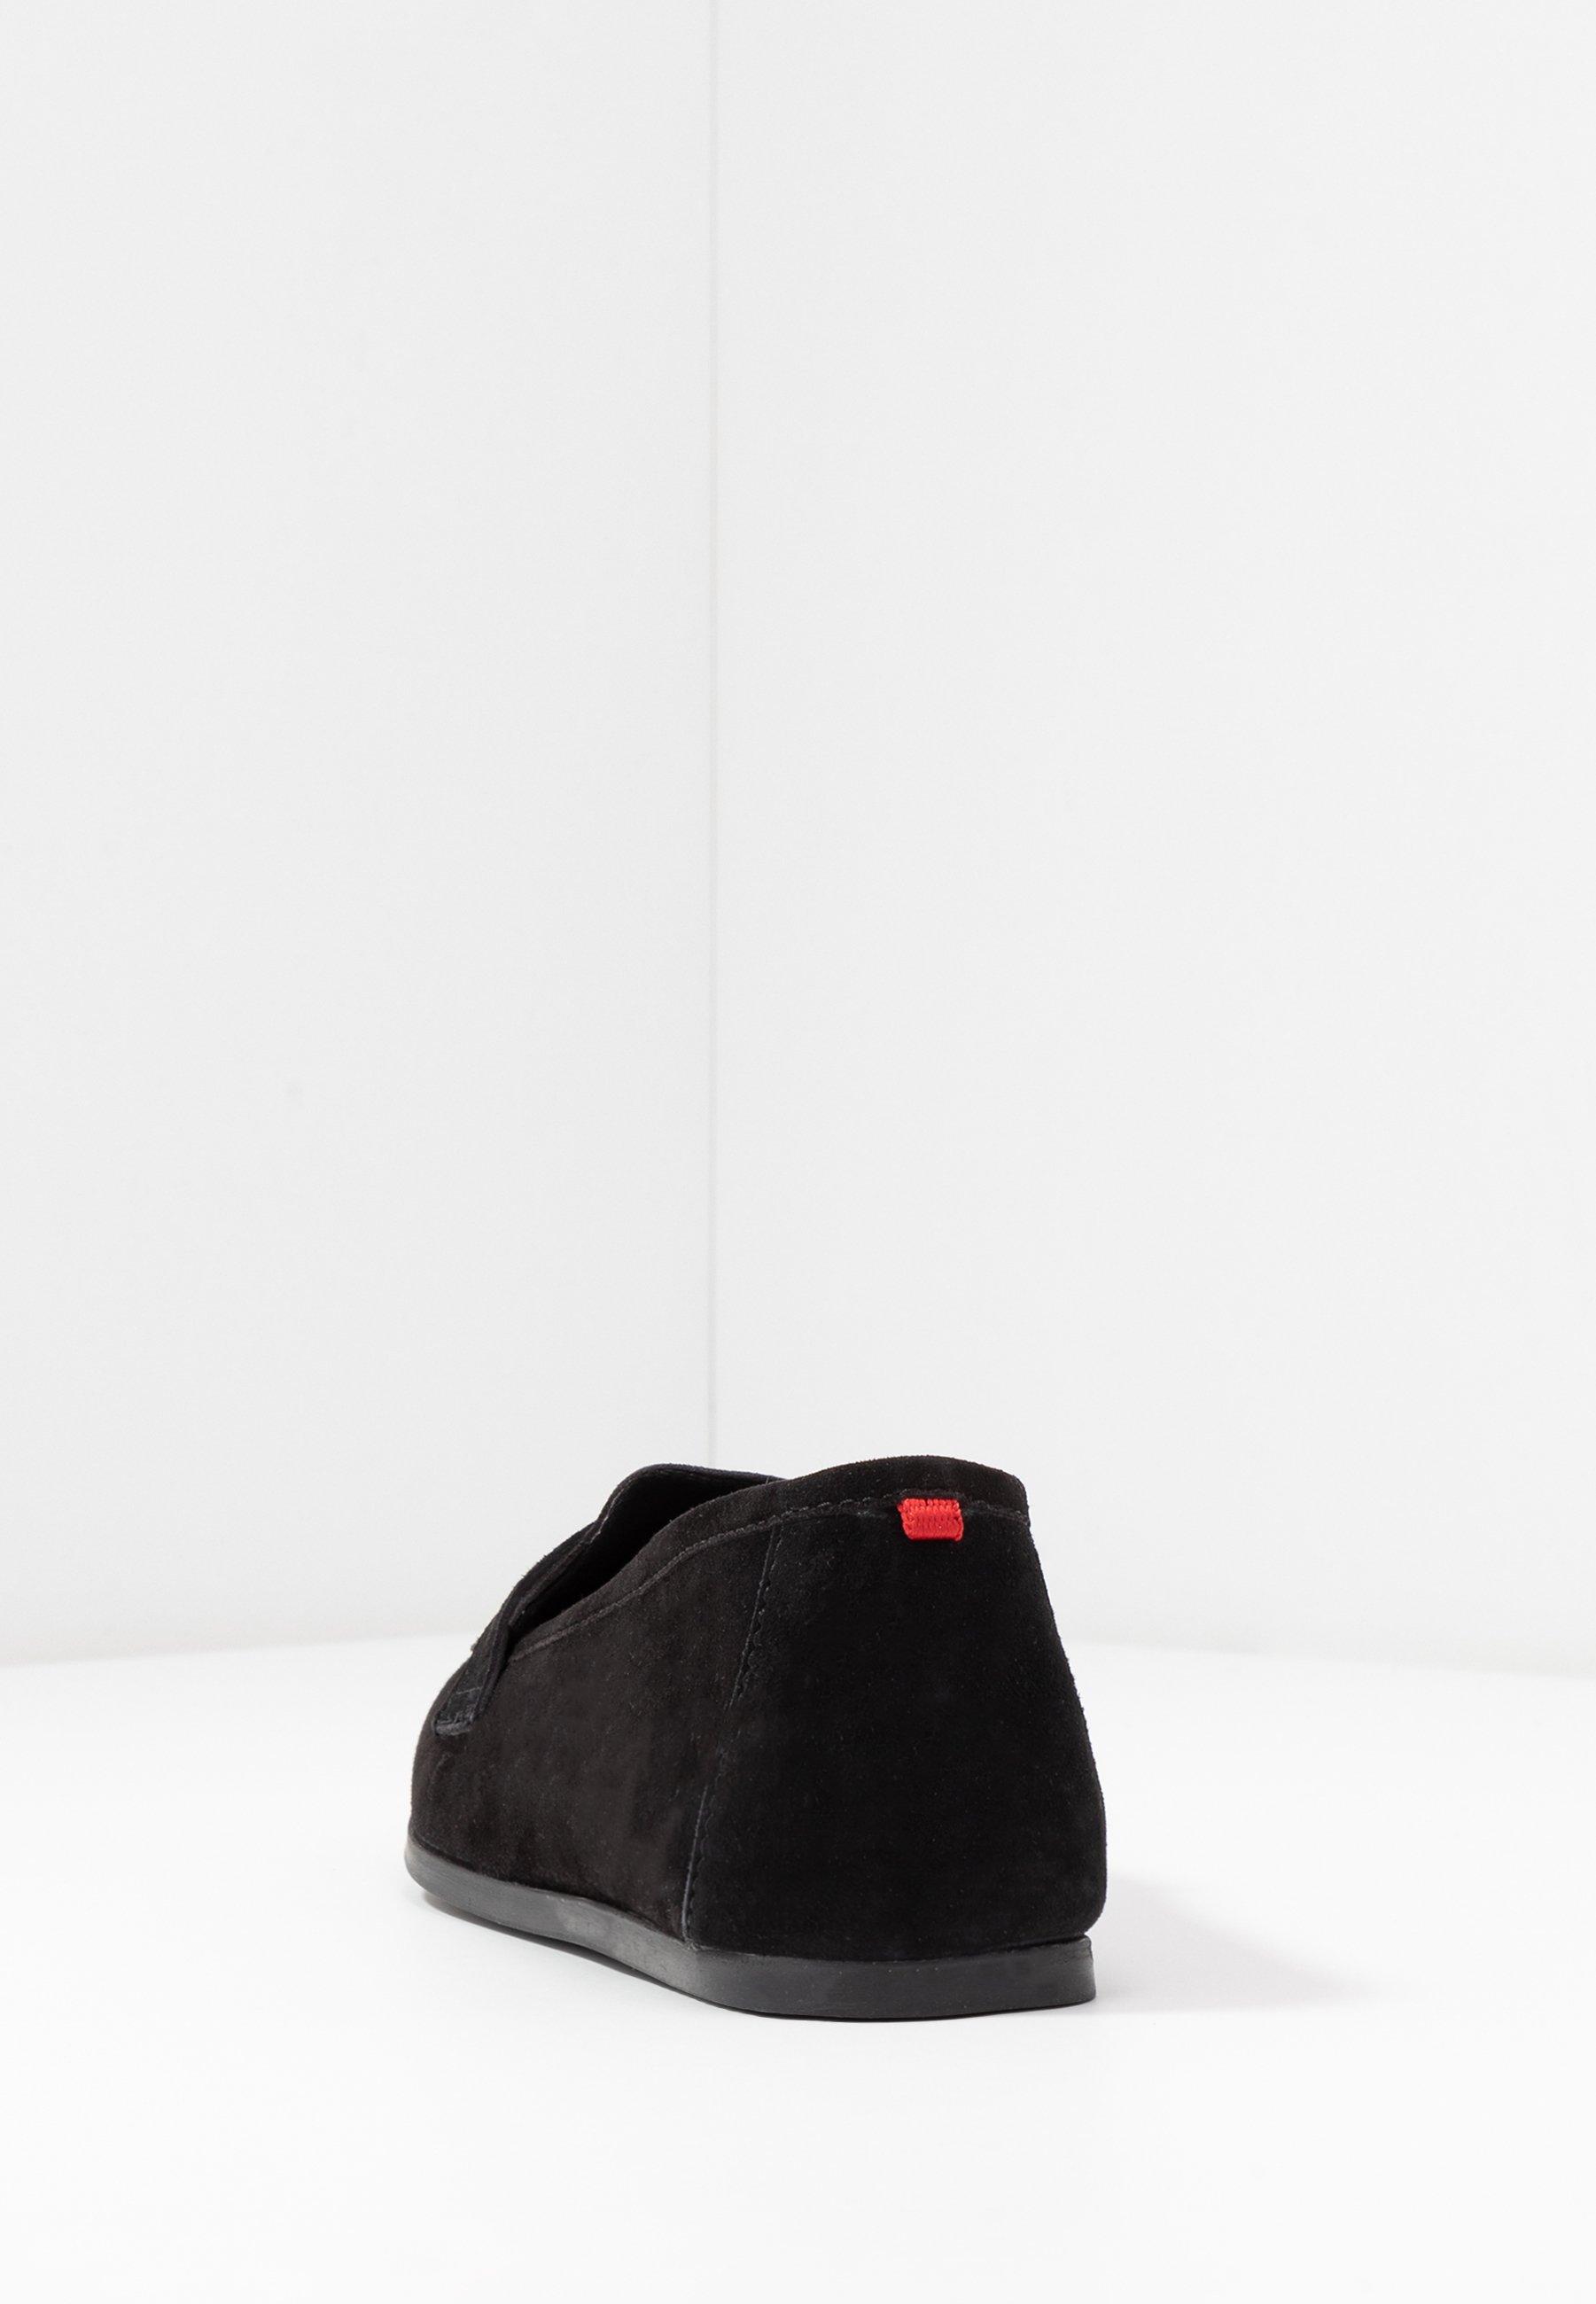 S.oliver 5-5-24203-24 - Slippers Black